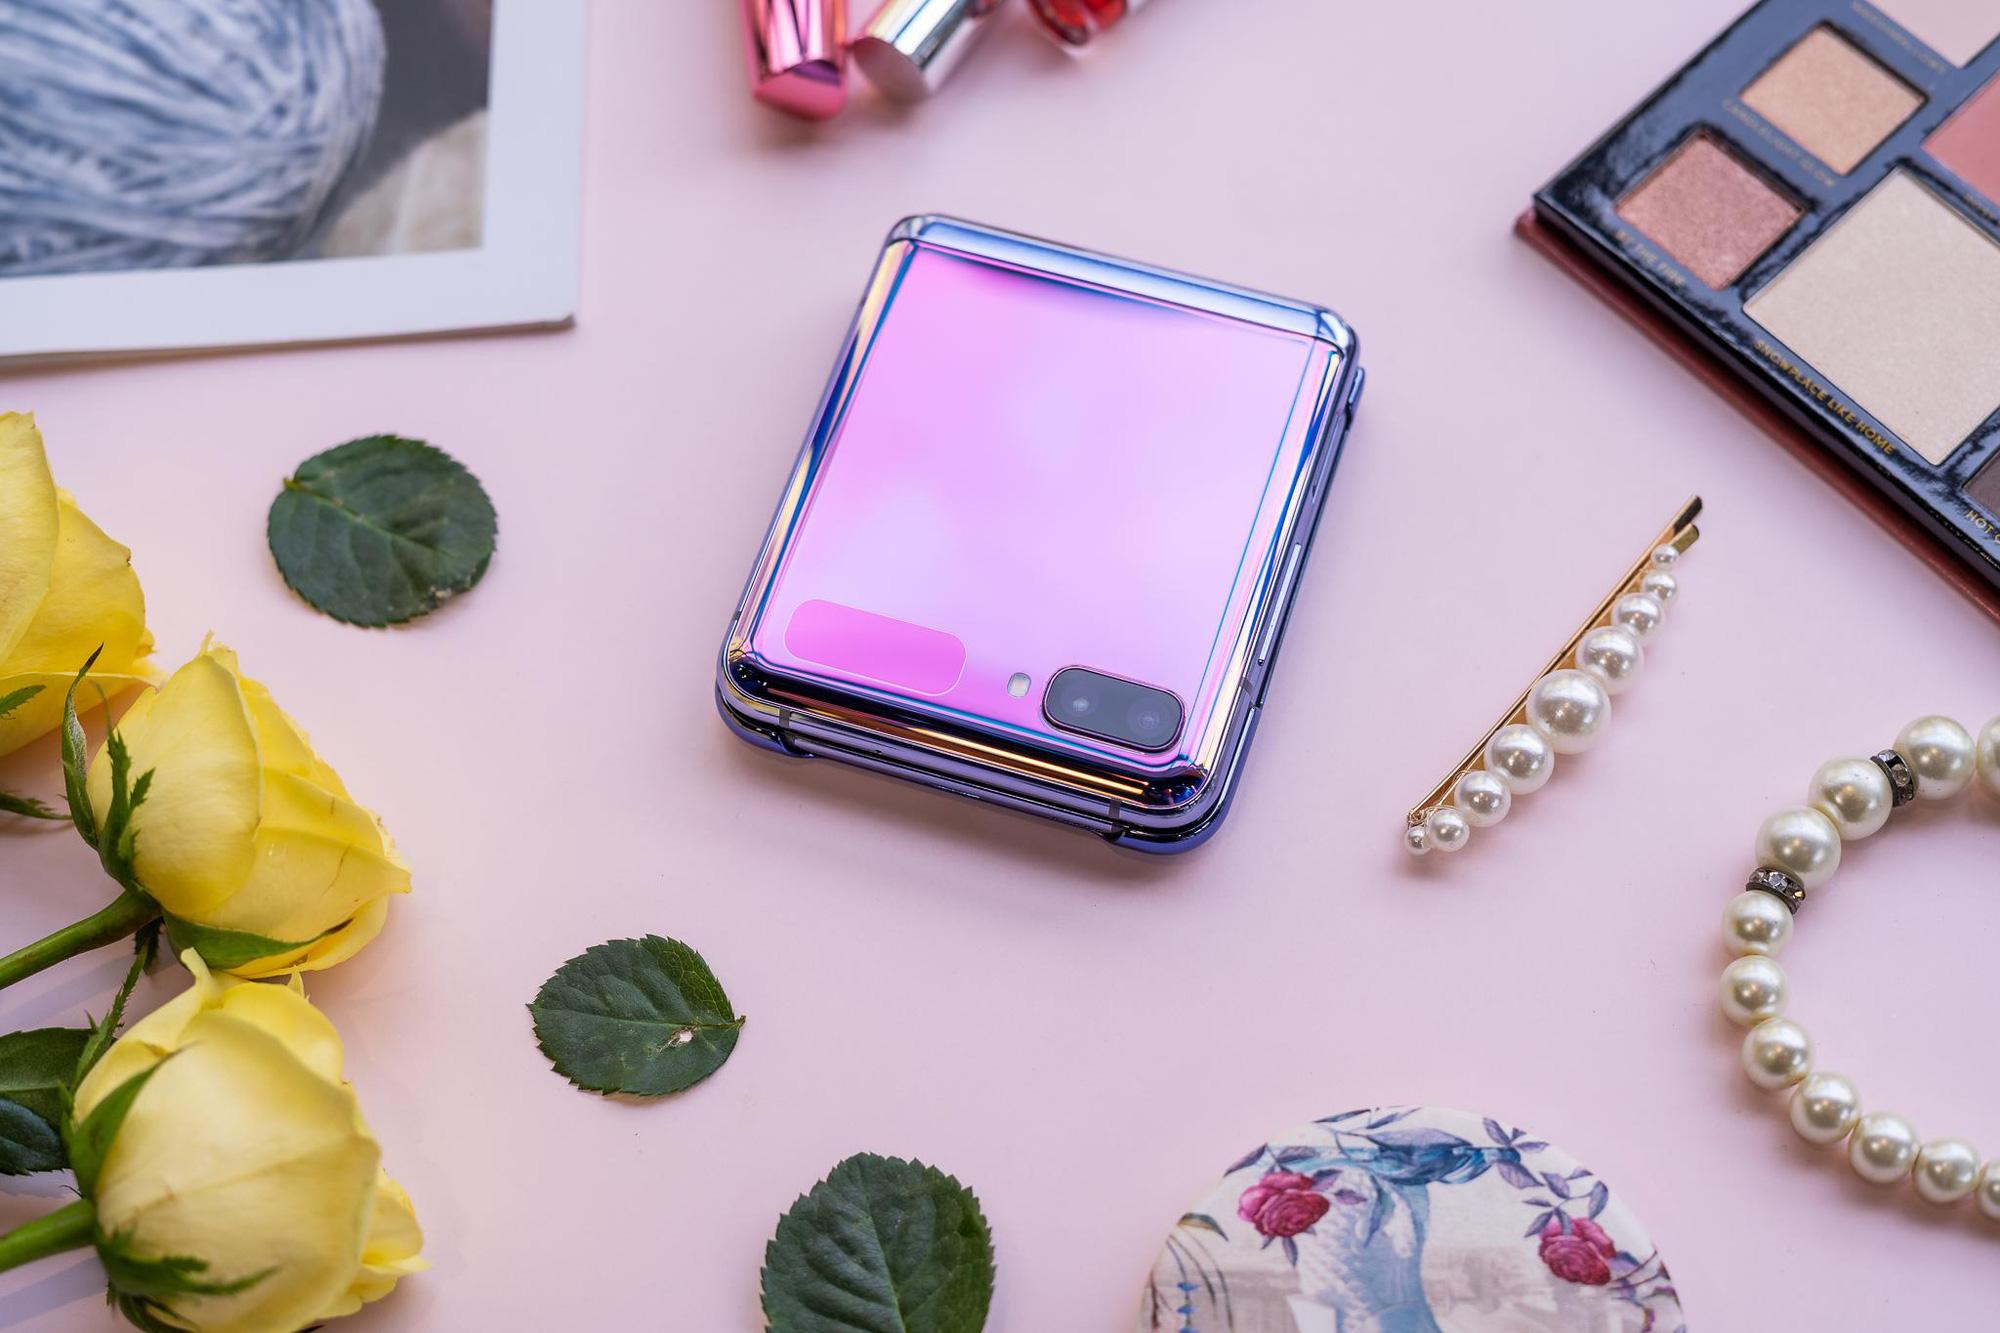 Smartphone màn hình gập đang chinh phục tín đồ thời trang và định nghĩa trải nghiệm dùng hoàn toàn mới - Ảnh 1.